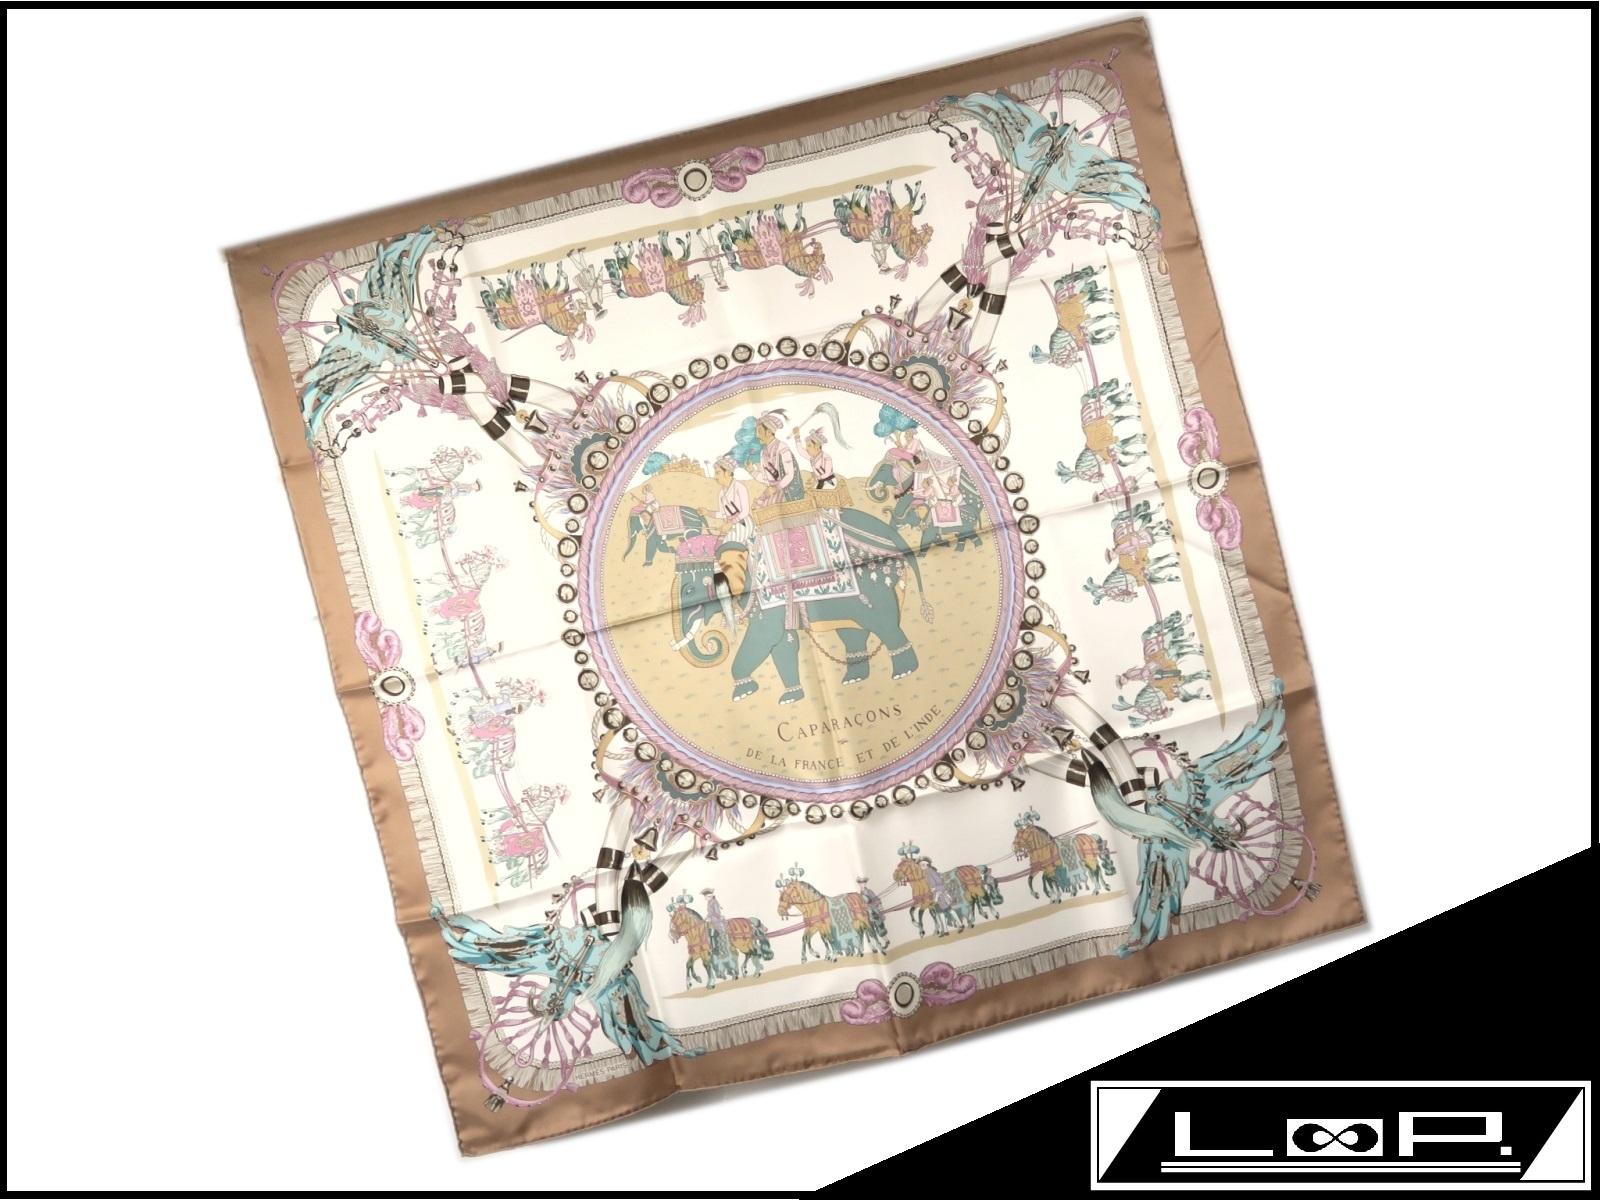 【未使用】 HERMES エルメス カレ 90 CAPARACONS 馬かざり スカーフ シルク 馬 象 ベージュ ブラウン 【A23671】 【中古】